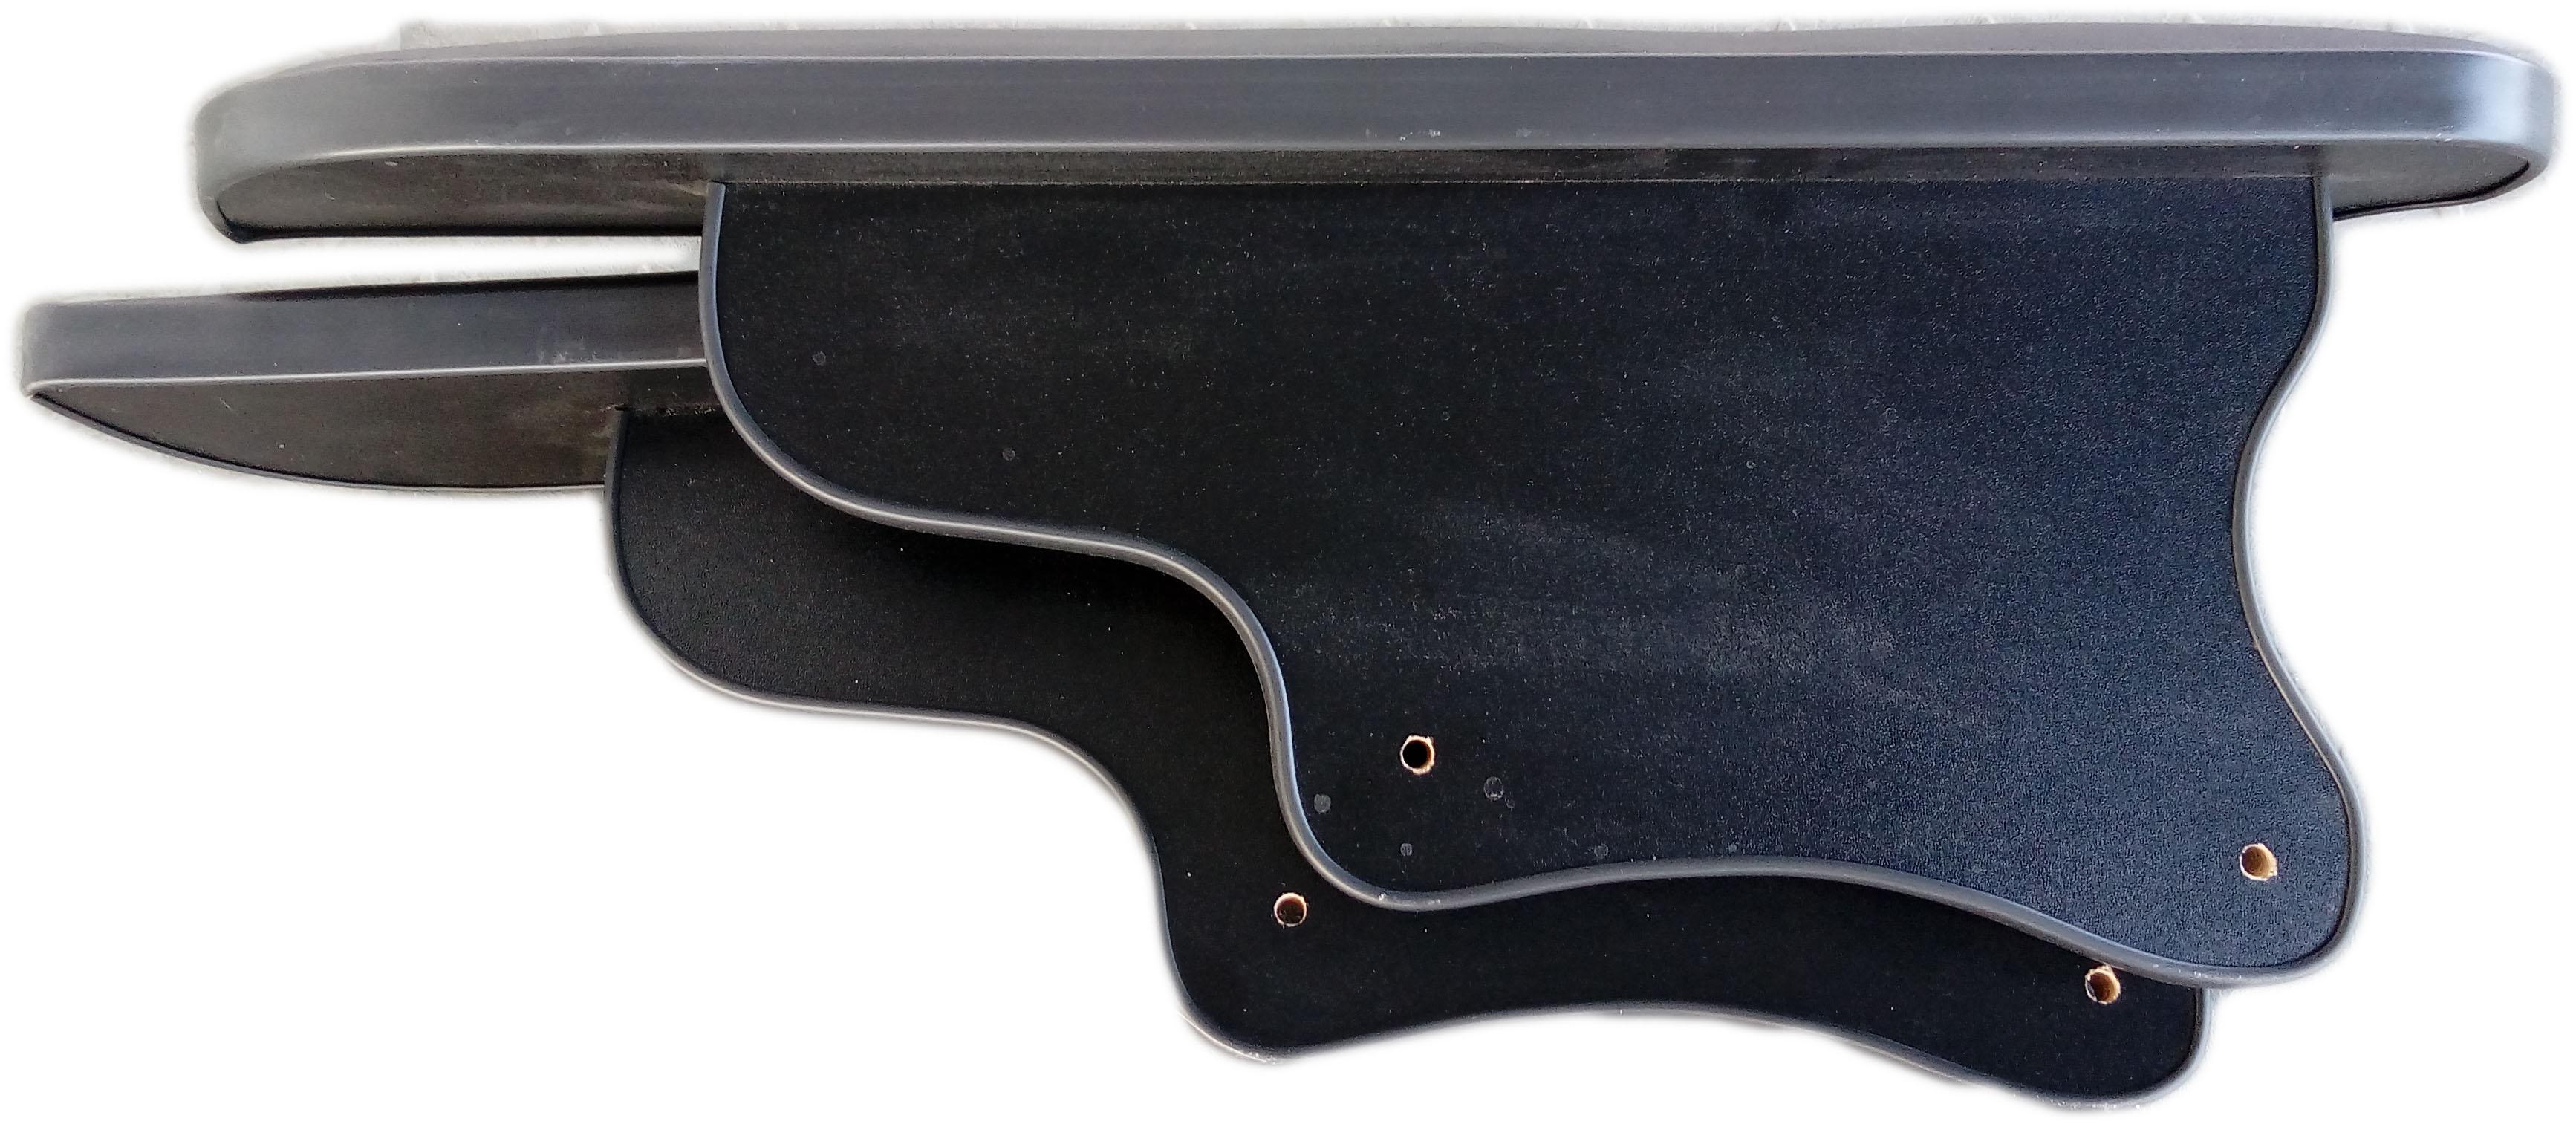 Подлокотник «Олимп» с черной окантовкой (комплект)